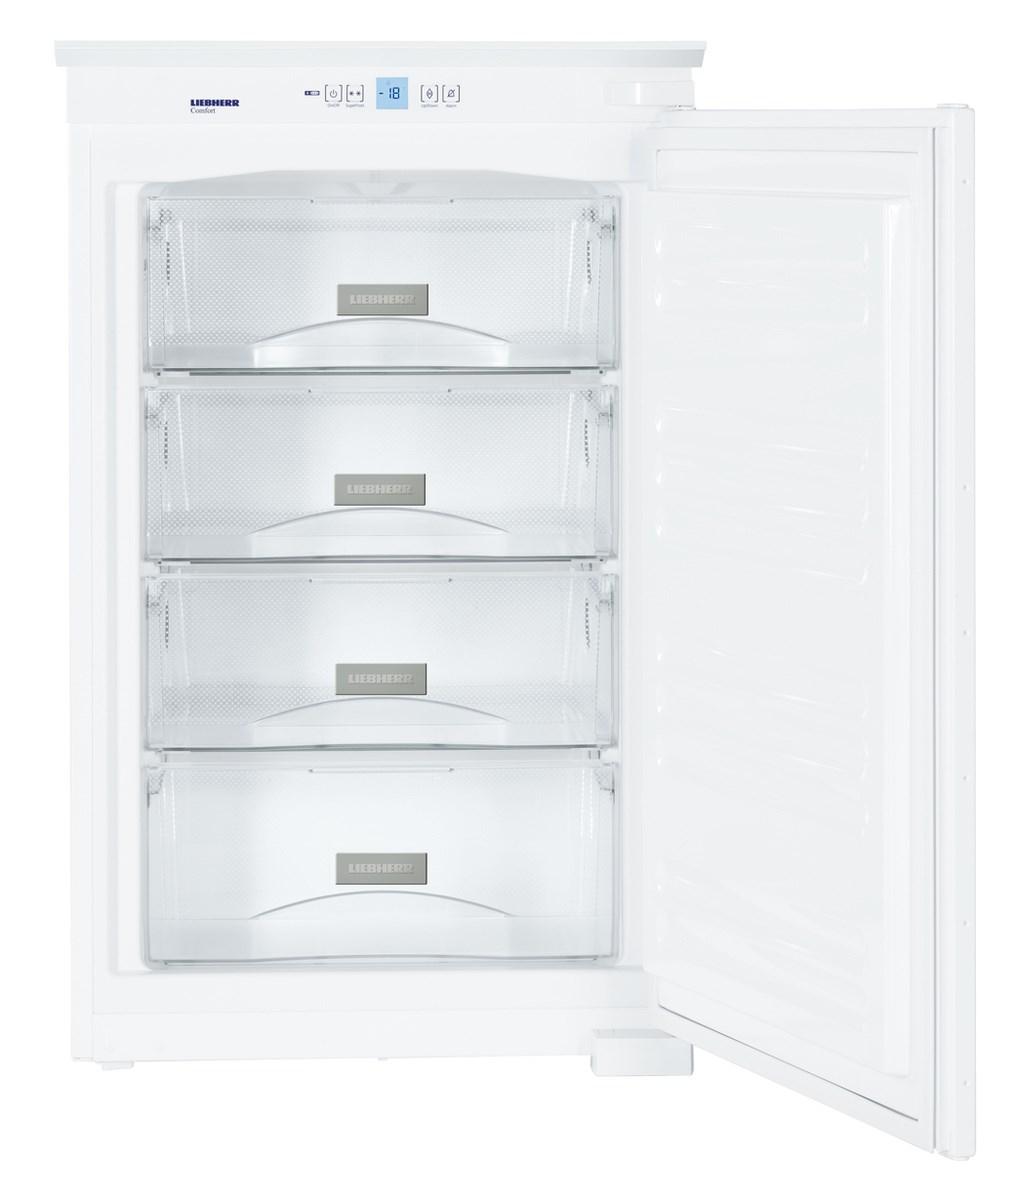 инструкция к морозильной камере bosch